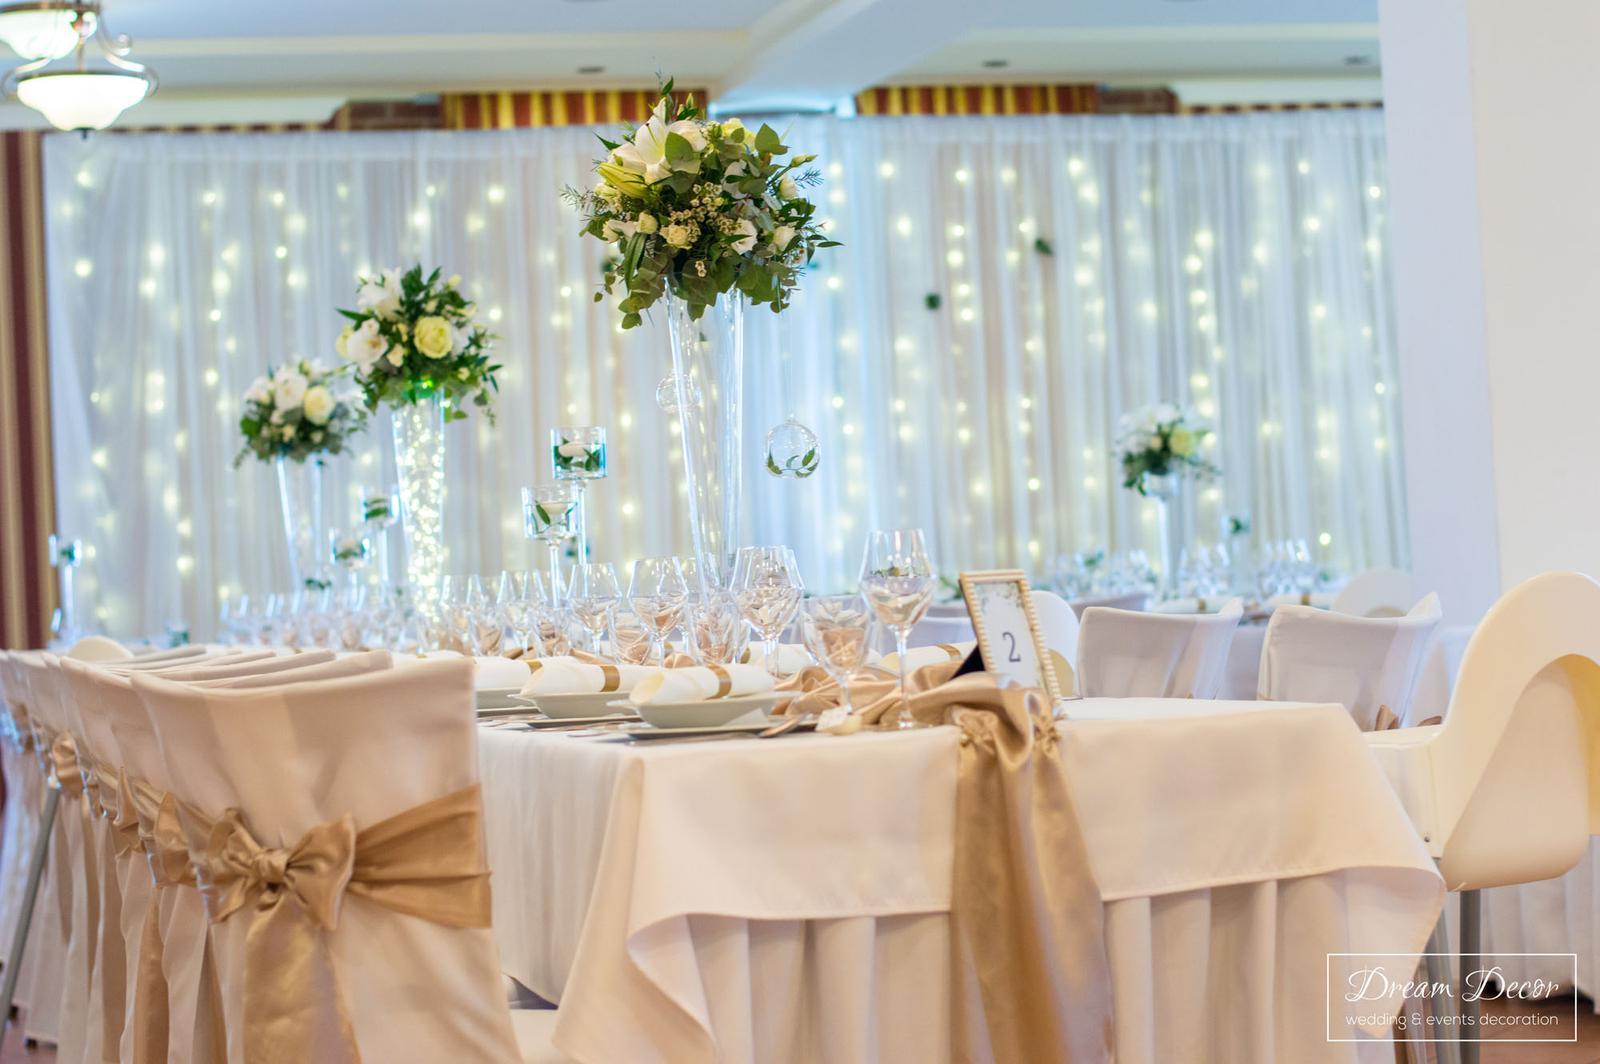 Svadobná výzdoba Hotel Tevel, Sládkovičovo - Dream Decor - svadobná výzdoba Hotel Tevel, Sládkovičovo